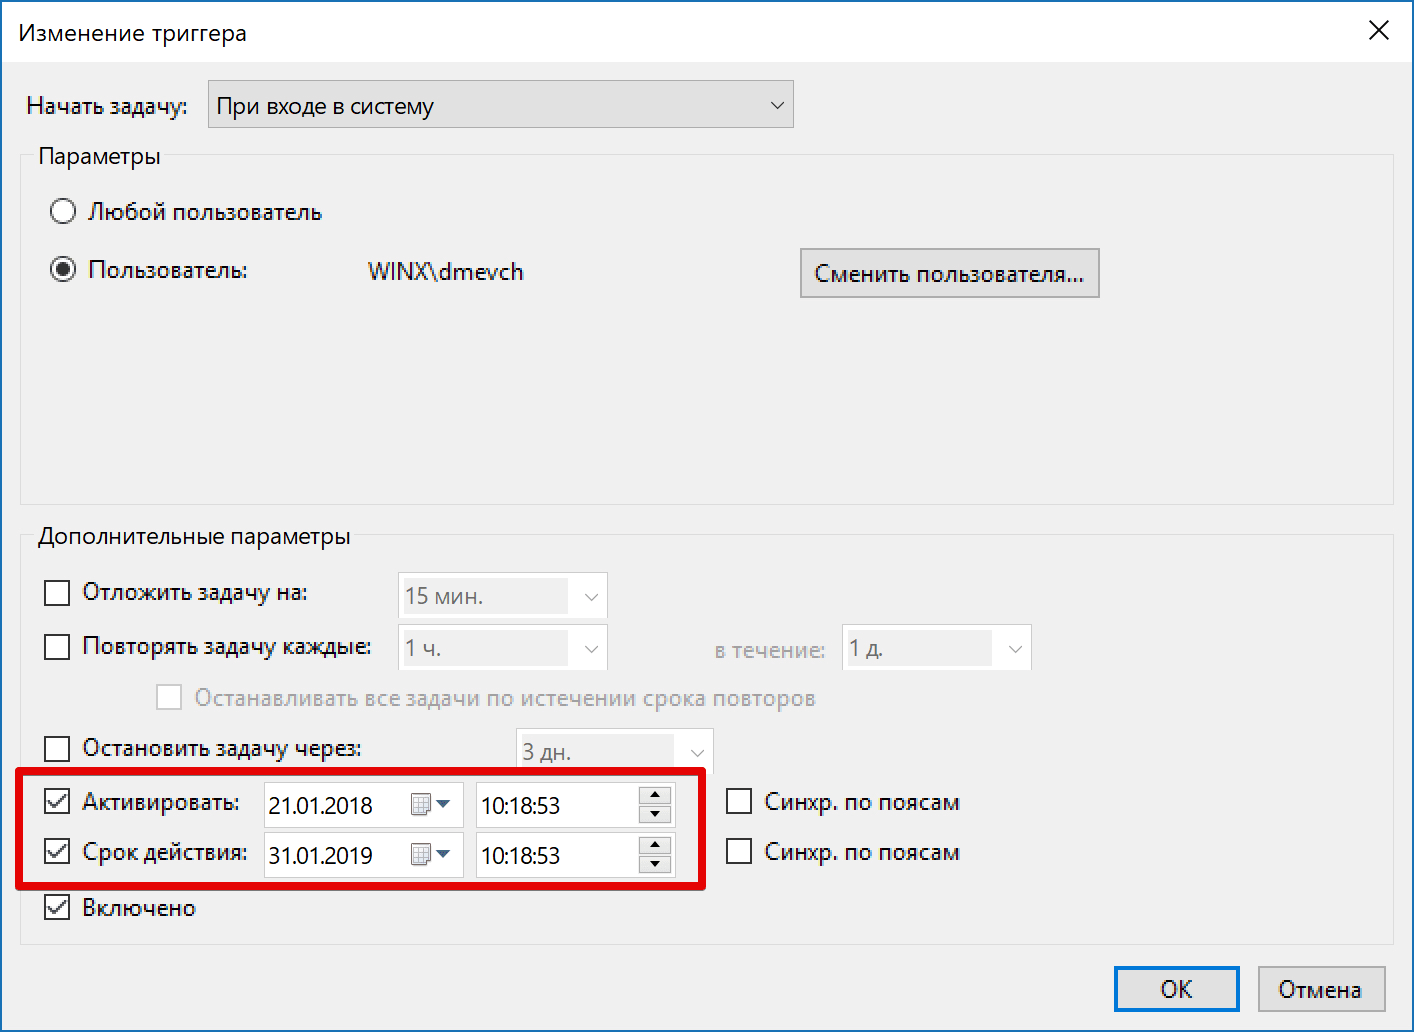 nastrojka-avtozapuska-programm-v-windows-image23.png